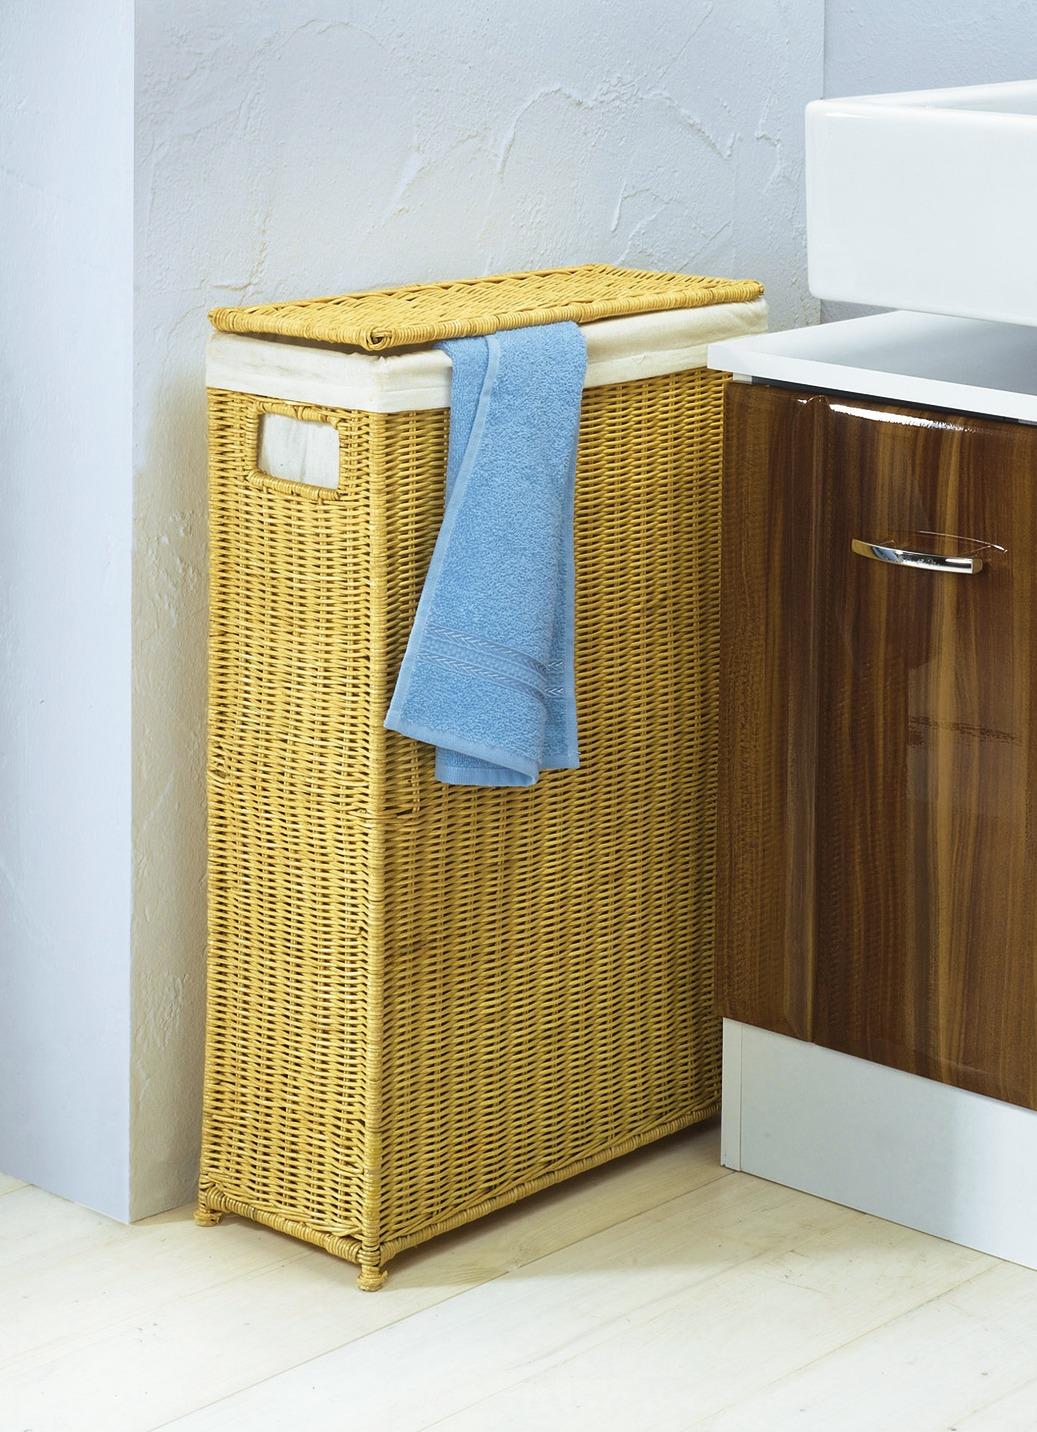 raumspar w schekorb in verschiedenen farben badm bel bader. Black Bedroom Furniture Sets. Home Design Ideas